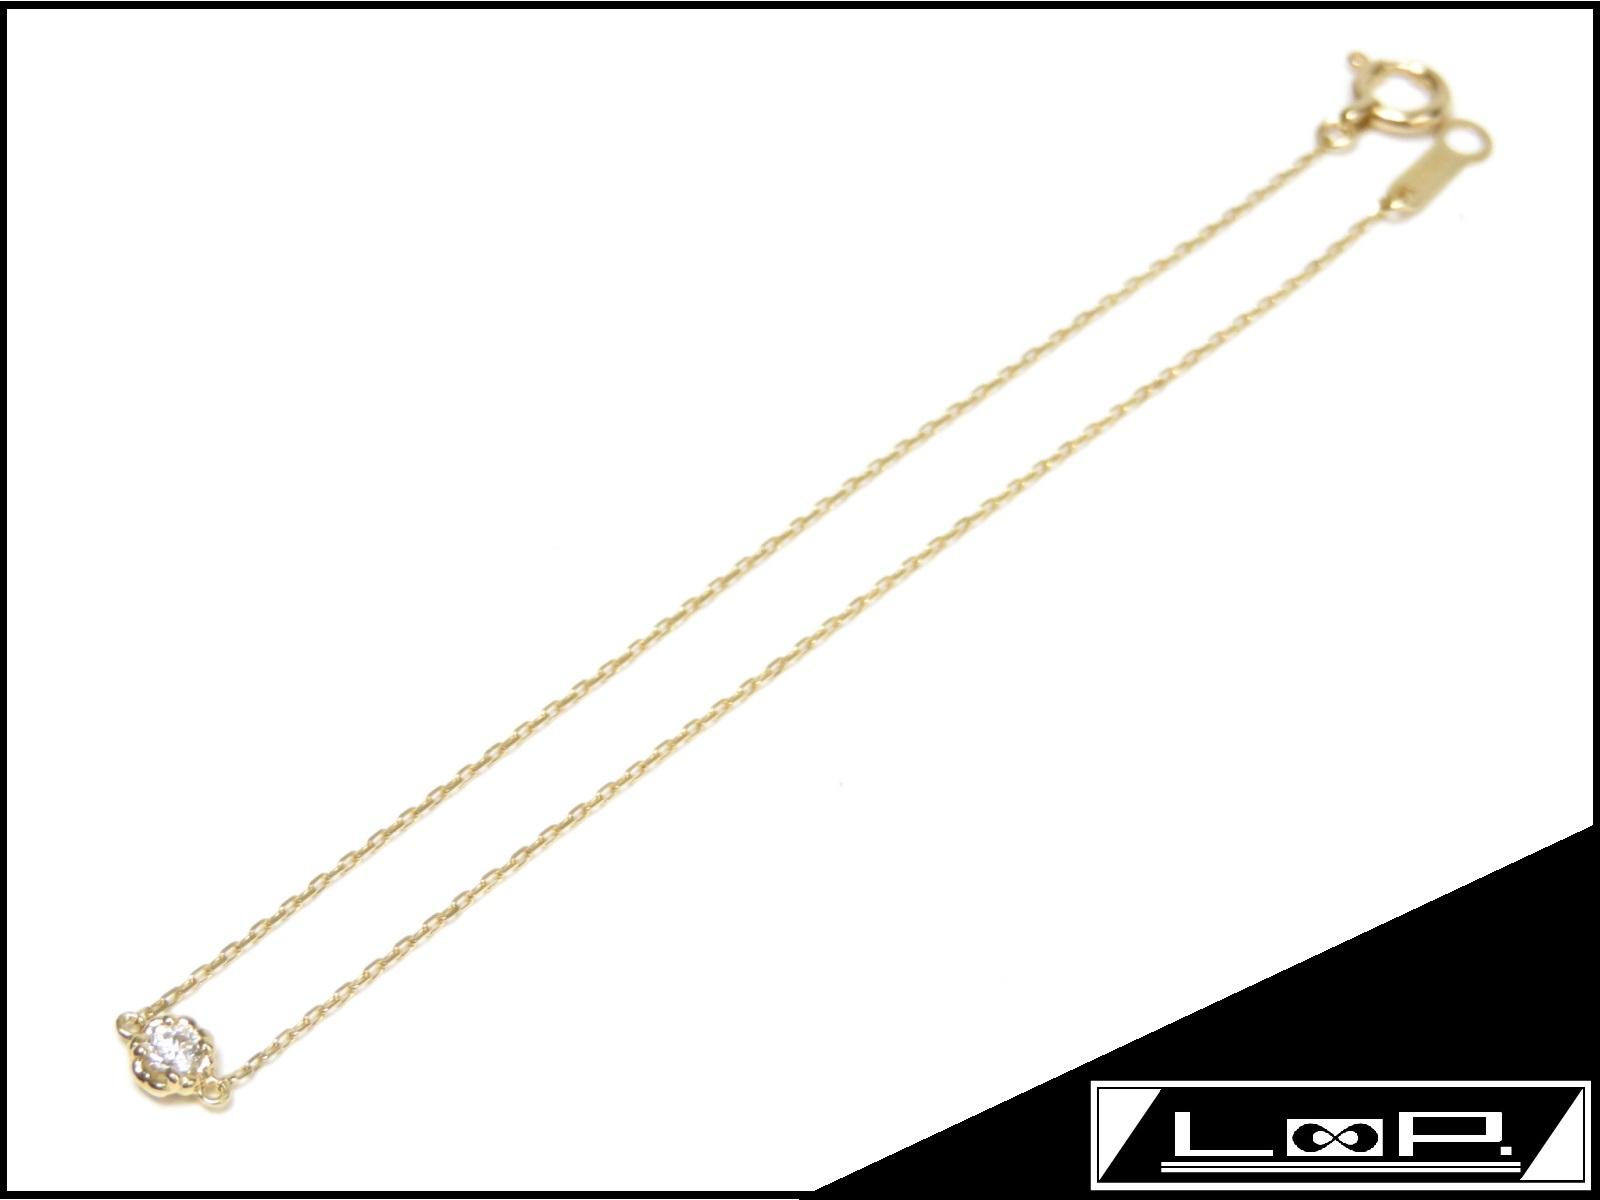 【2017年 磨き済 新同】 AHKAH blanc アーカー ブランク ティア ブレスレット ブレス アクセサリー ダイヤ ゴールド K18 YG 750 【A21933】 【中古】